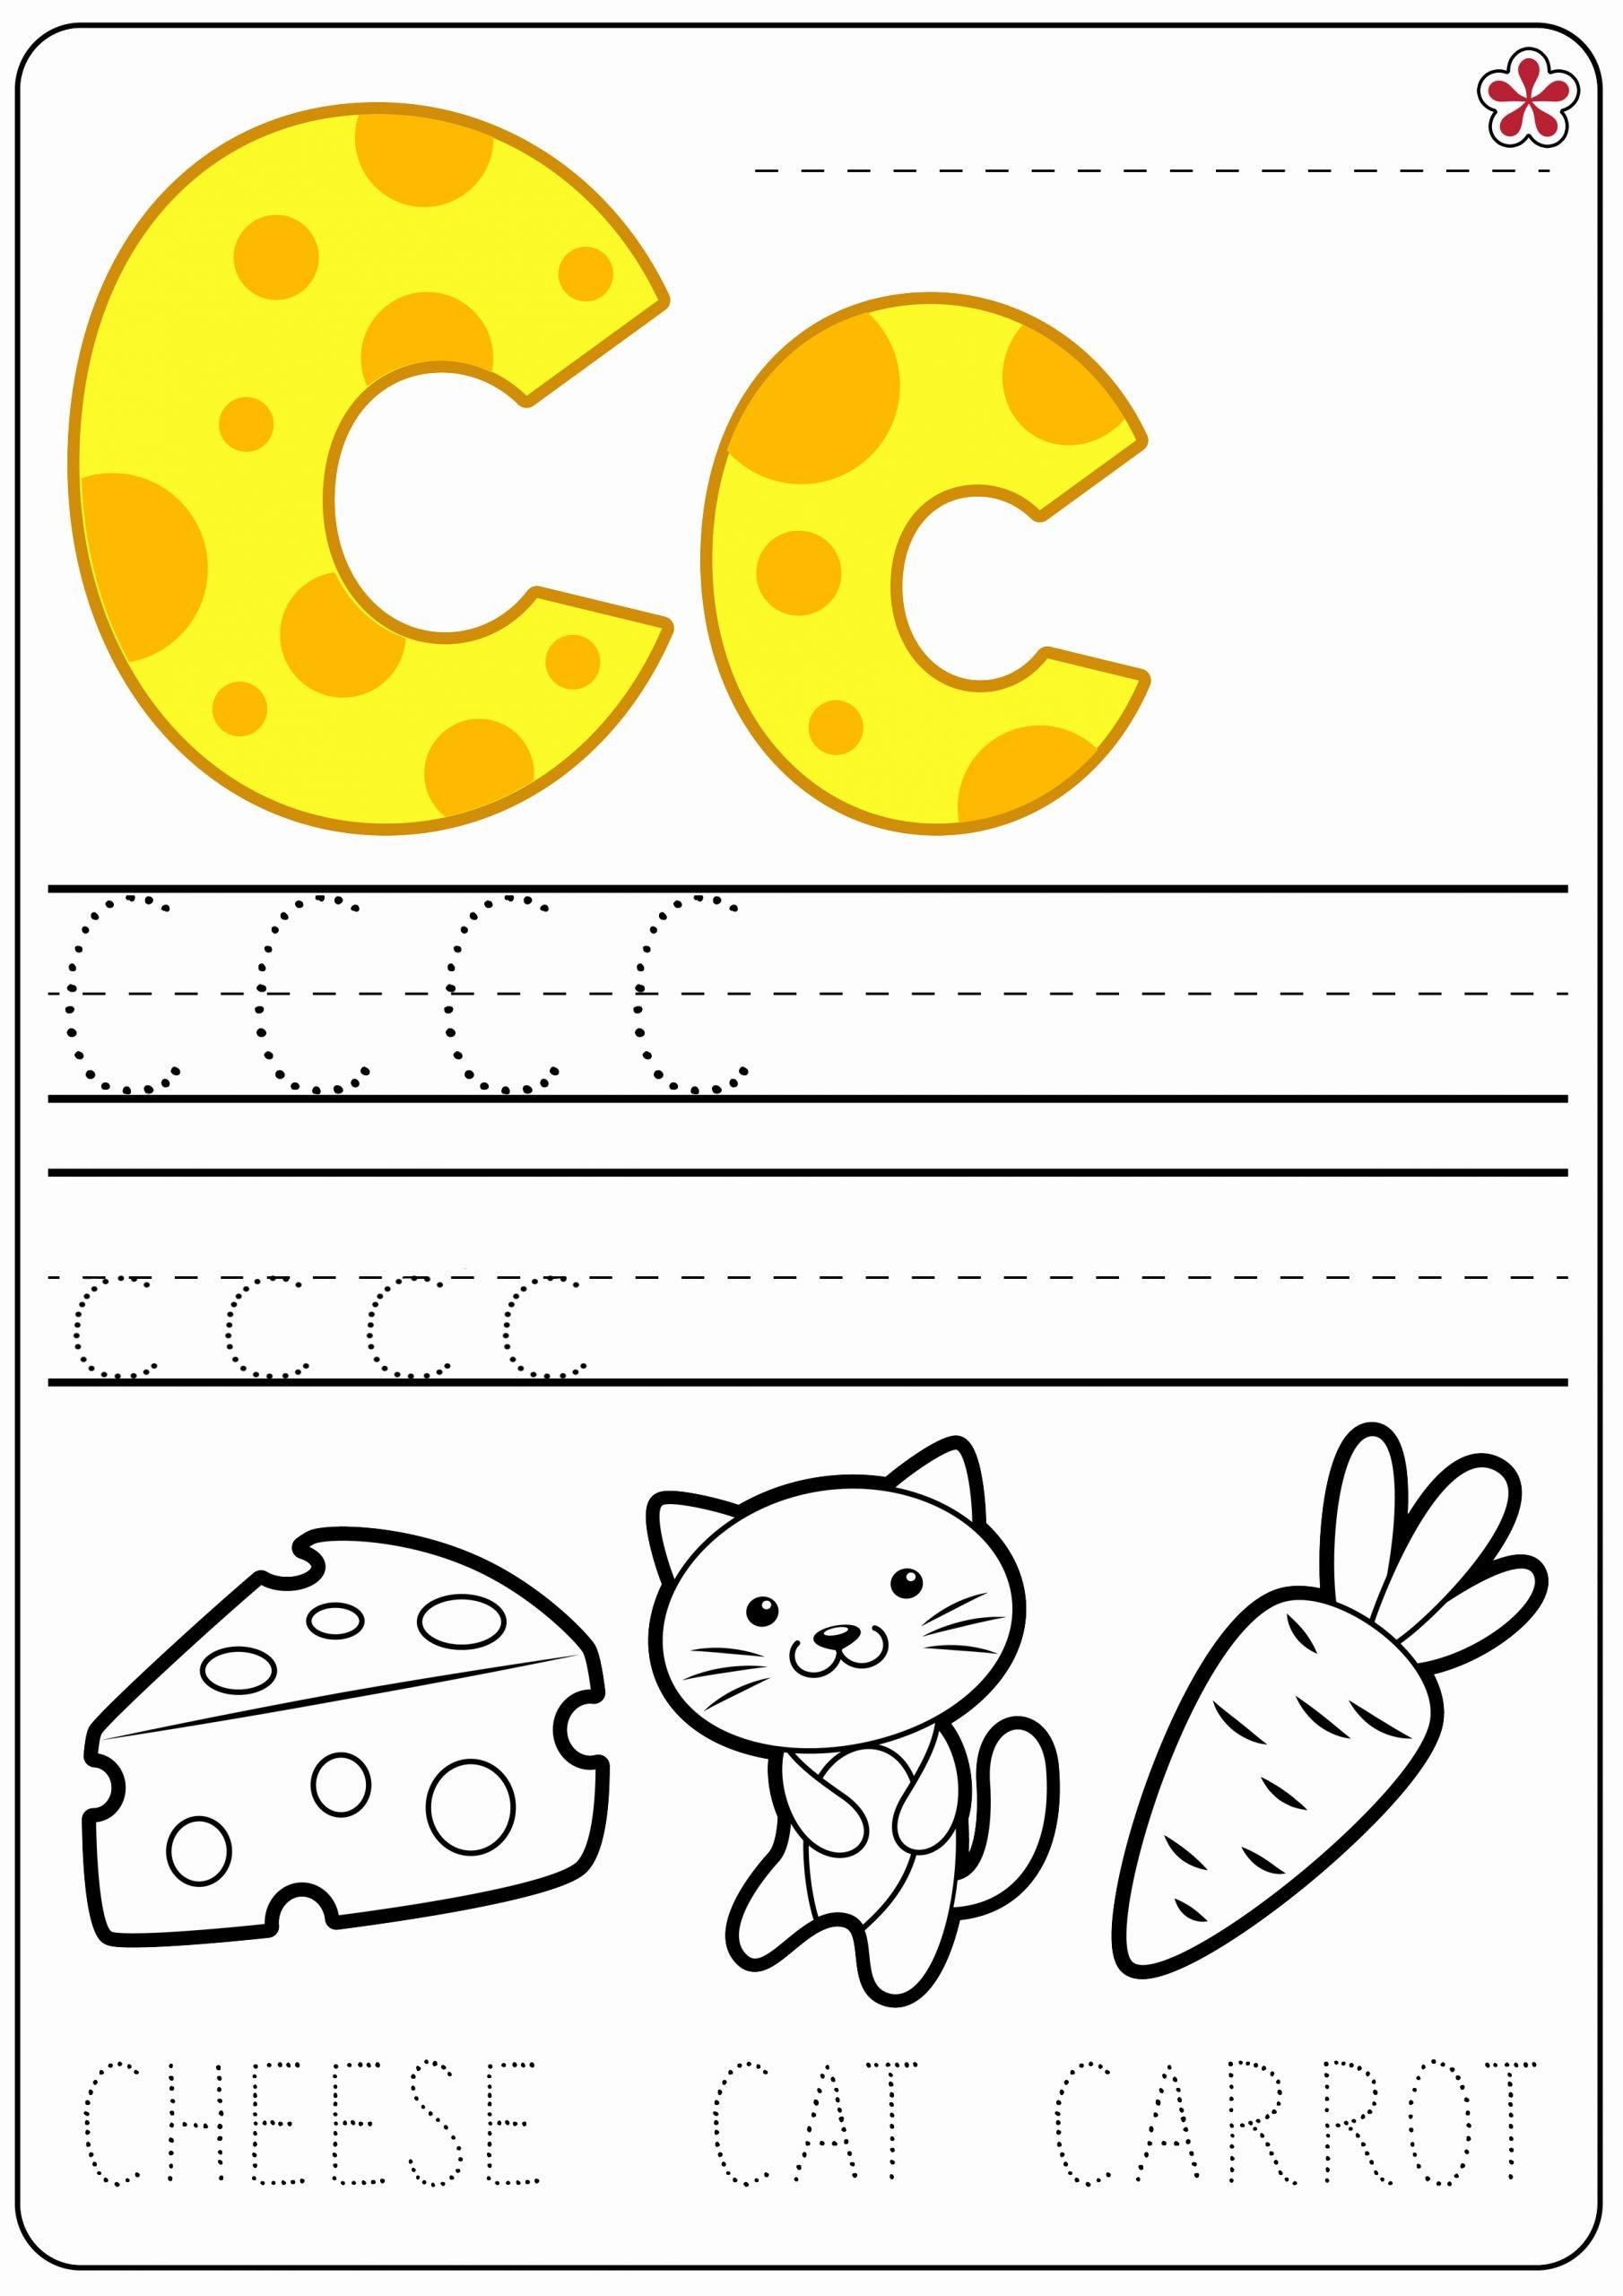 C Worksheets for Preschoolers Awesome Letter C Worksheets Teachersmag